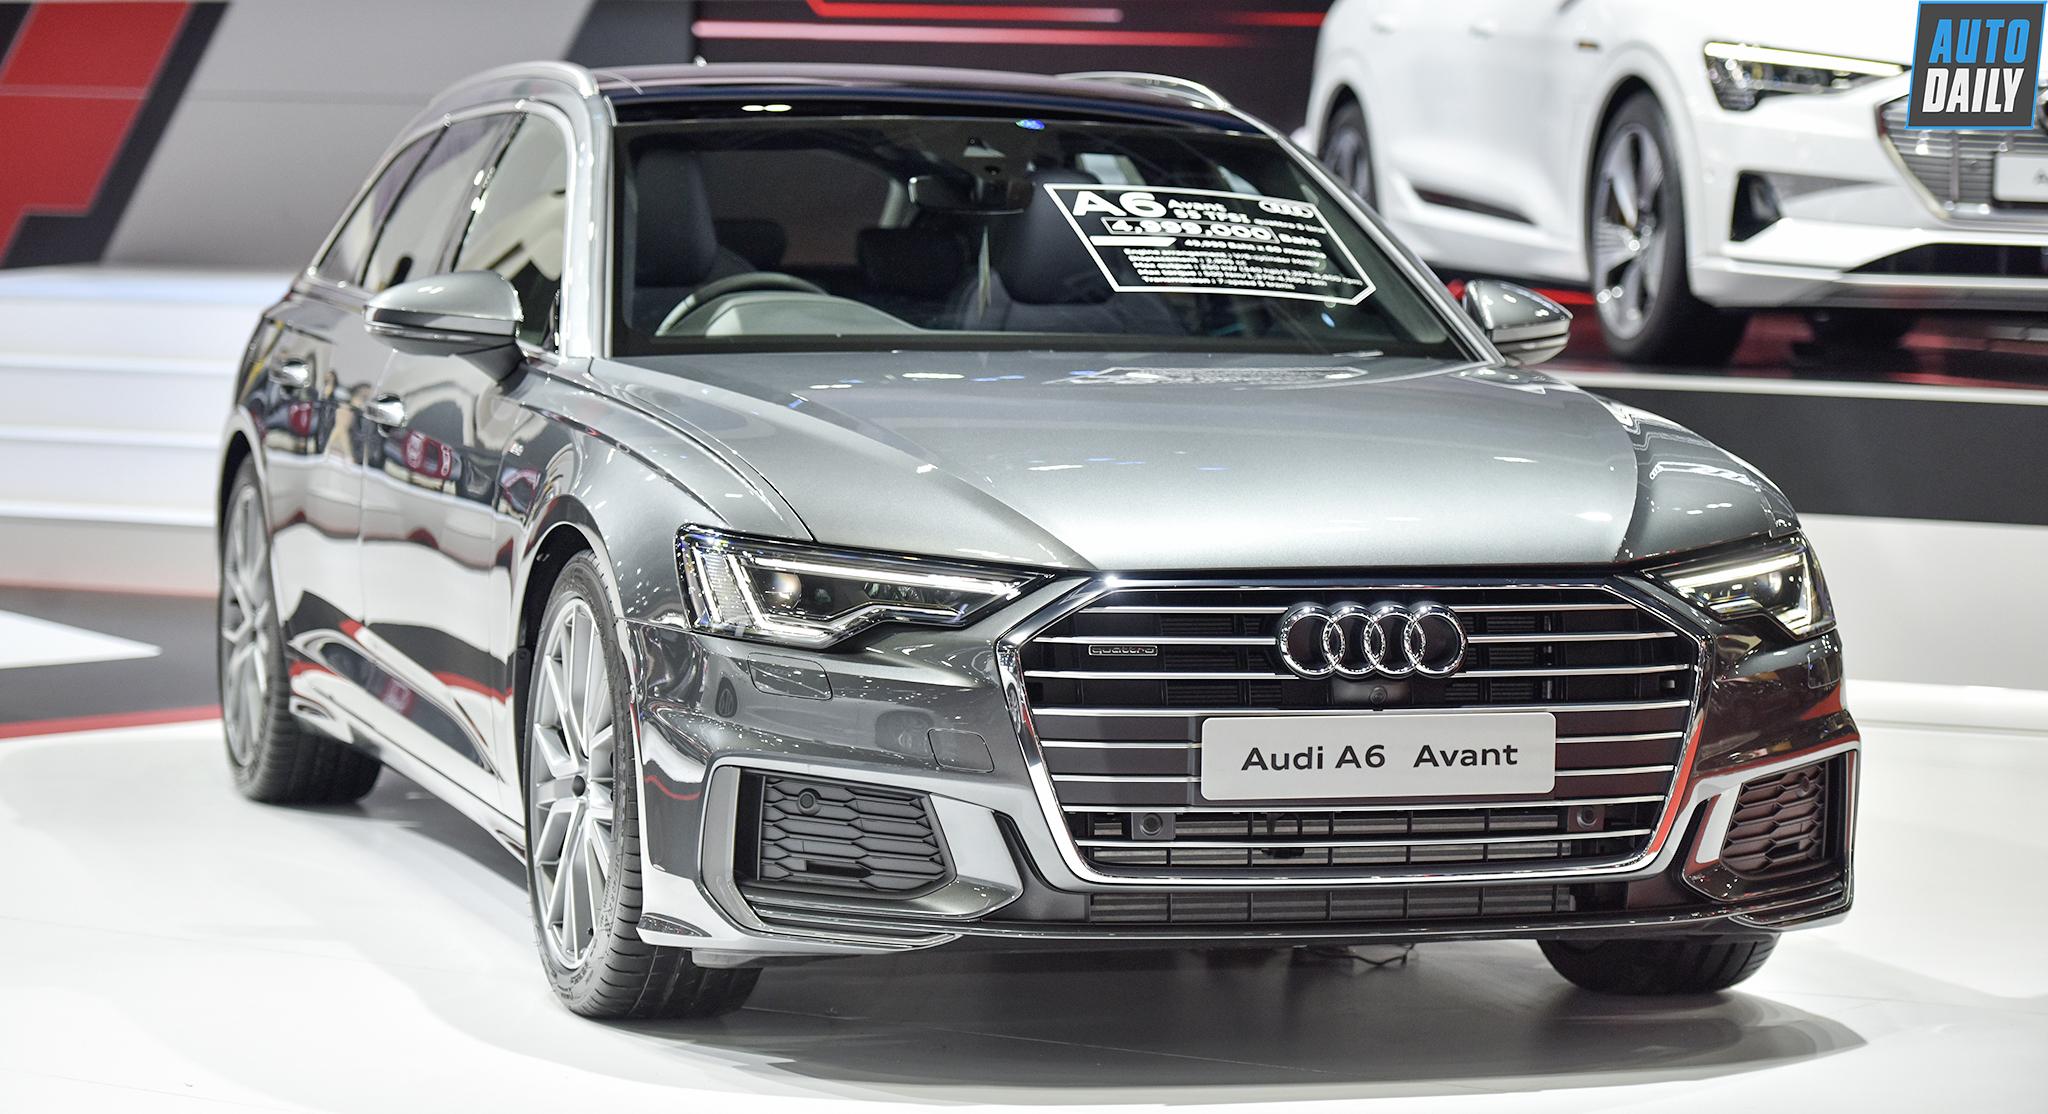 Khám phá Audi A6 Avant 2019 với thiết kế ấn tượng